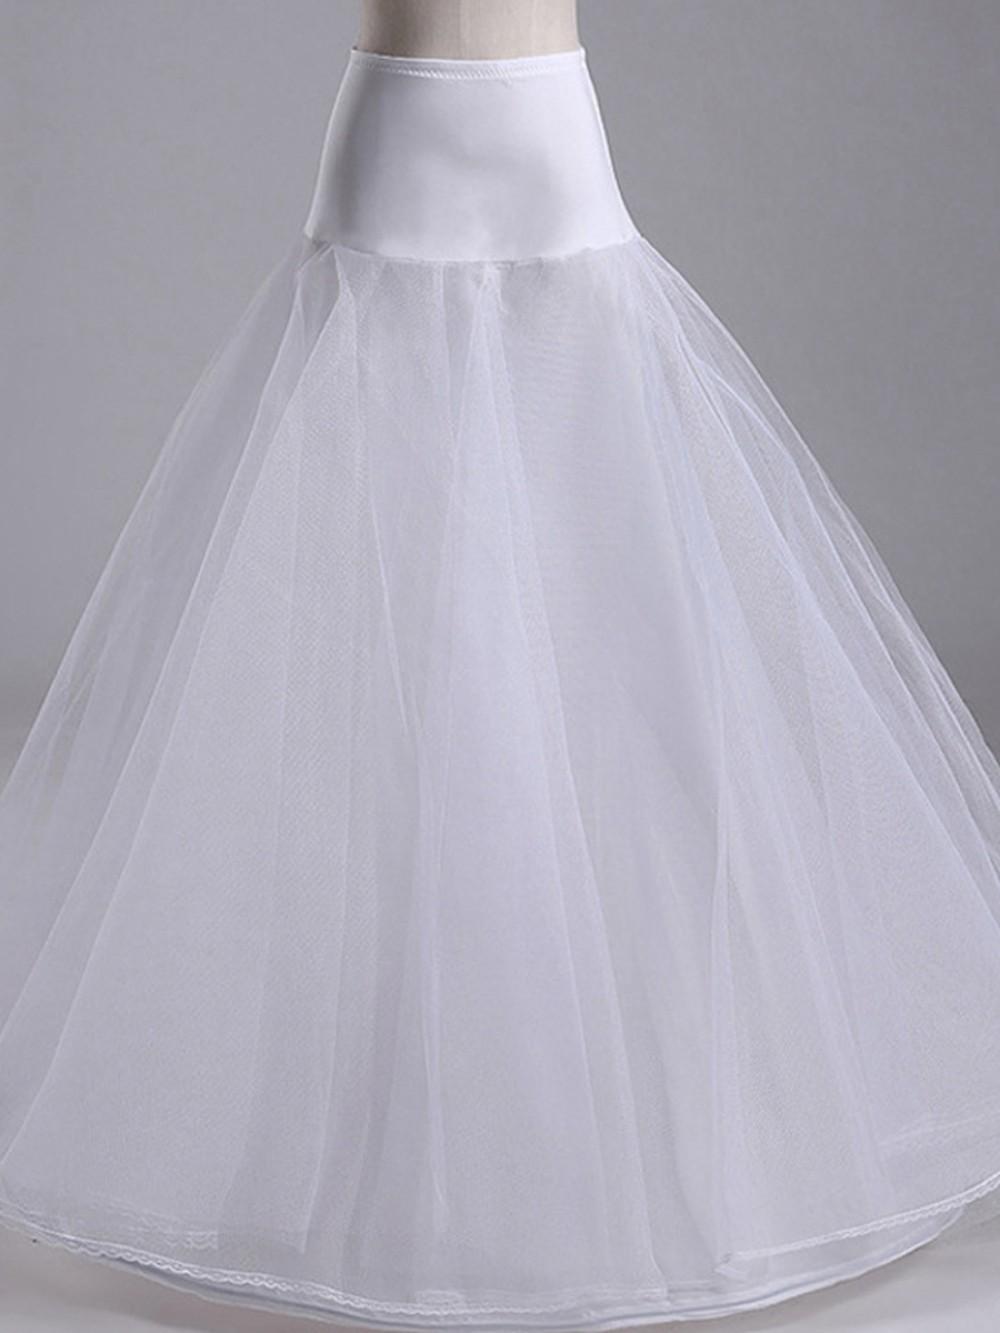 White A-Line Mesh Wedding Dress High Waist